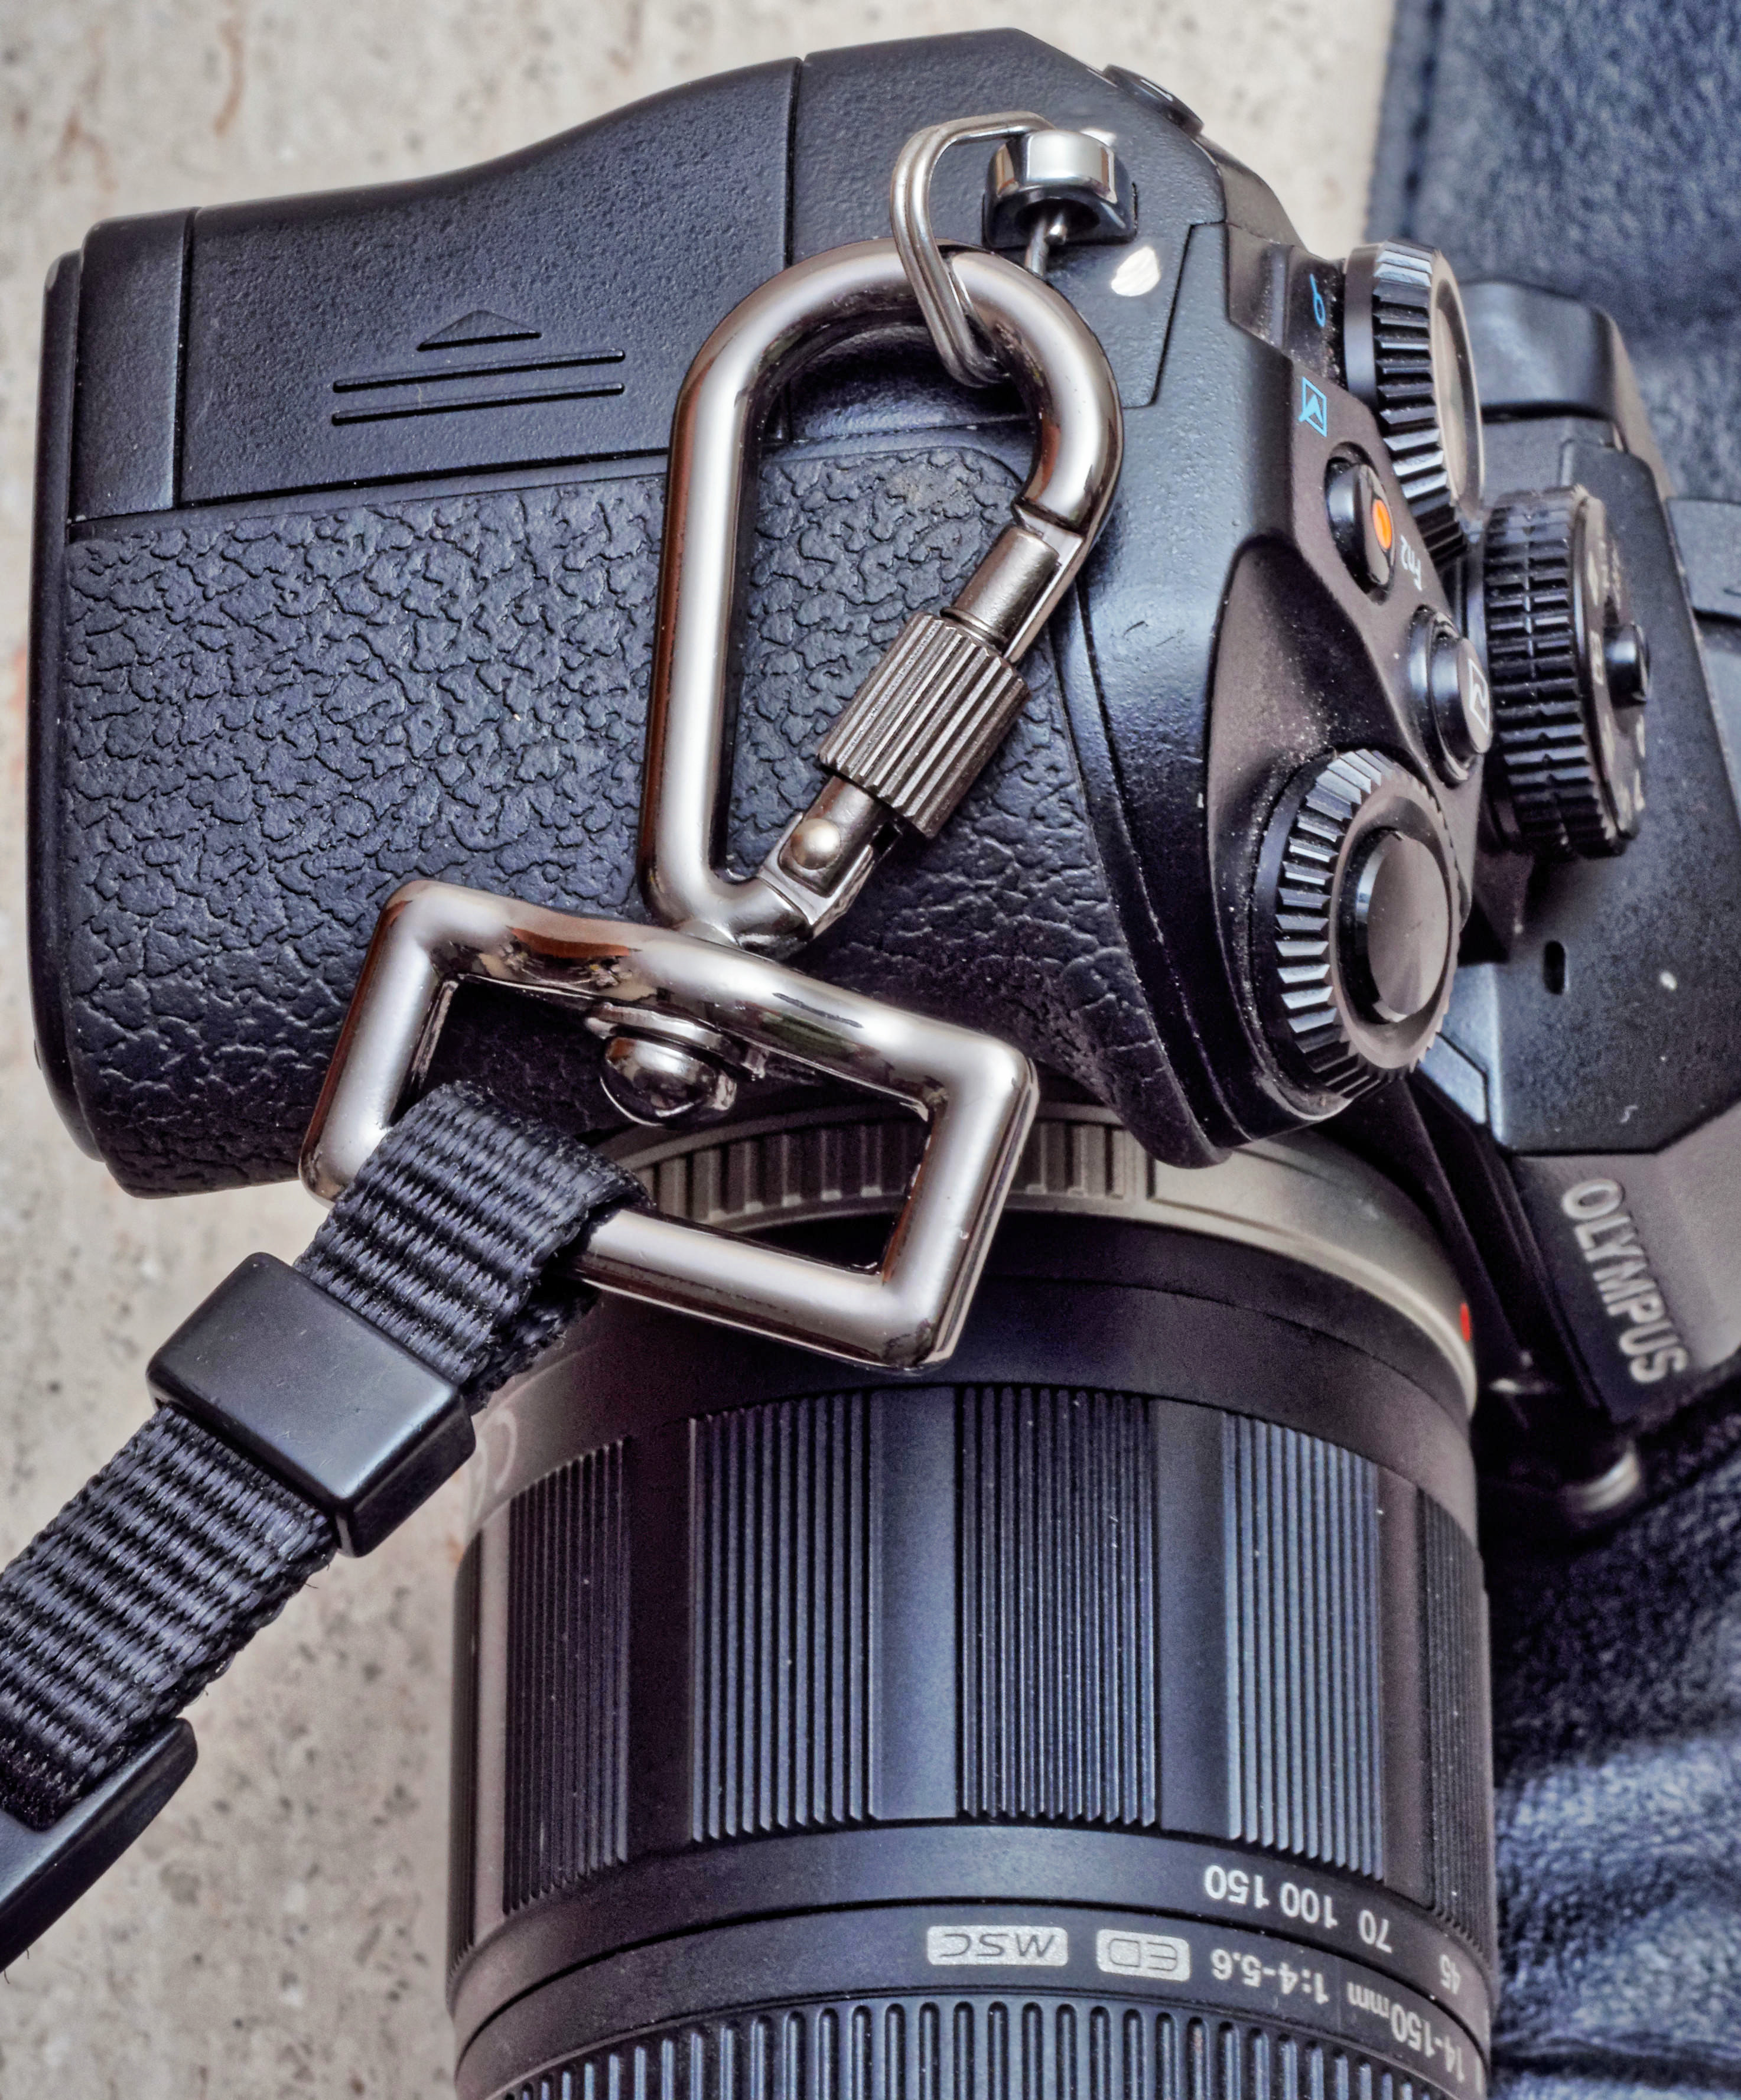 Camera-strap-hooks-1.jpeg